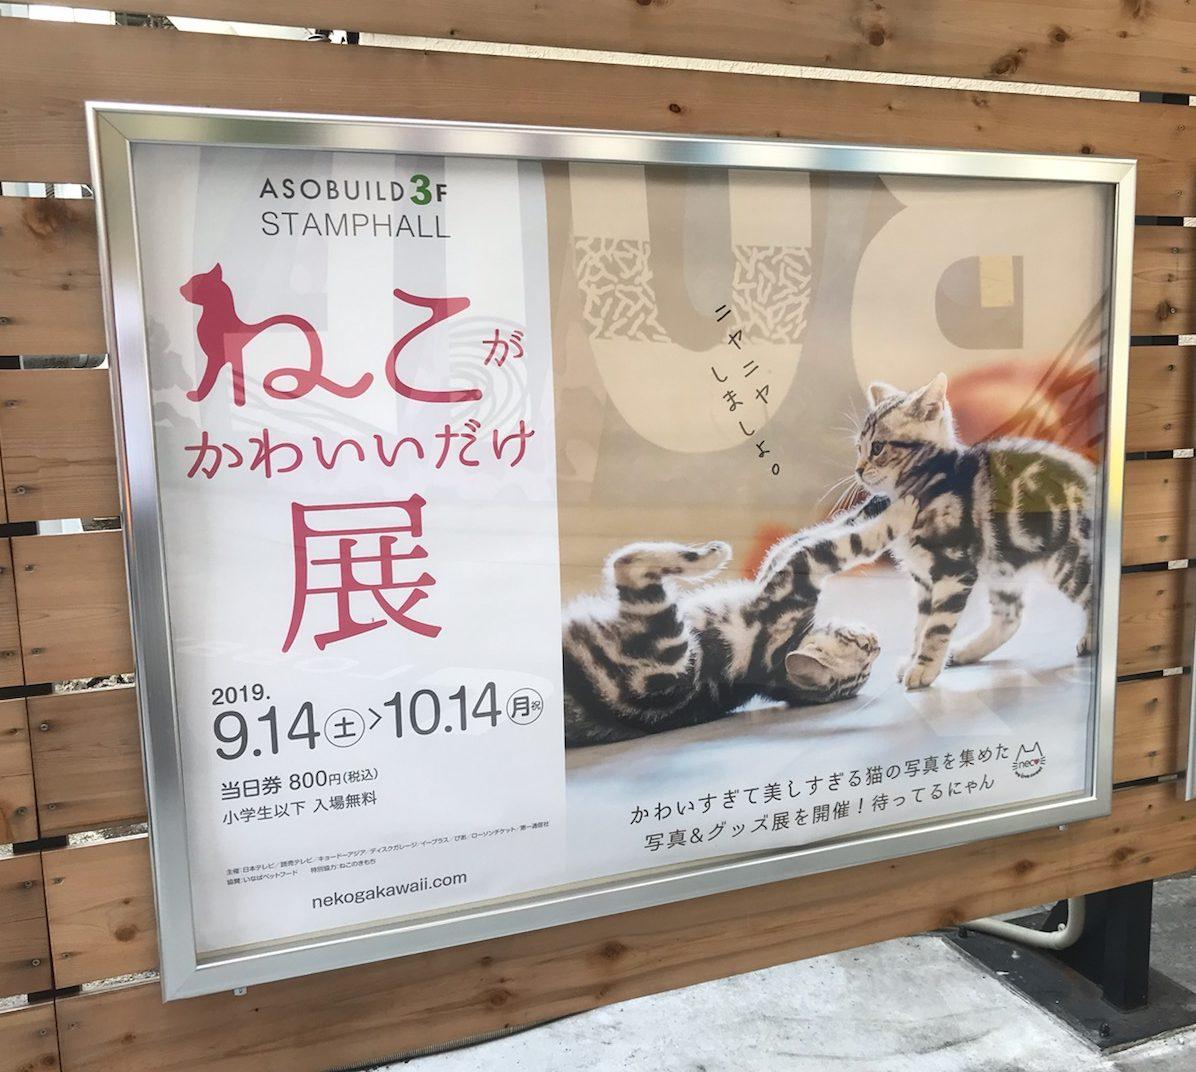 ねこがかわいいだけ展の横浜会場に行ってきました!会場の雰囲気やアソビルはどこにある?